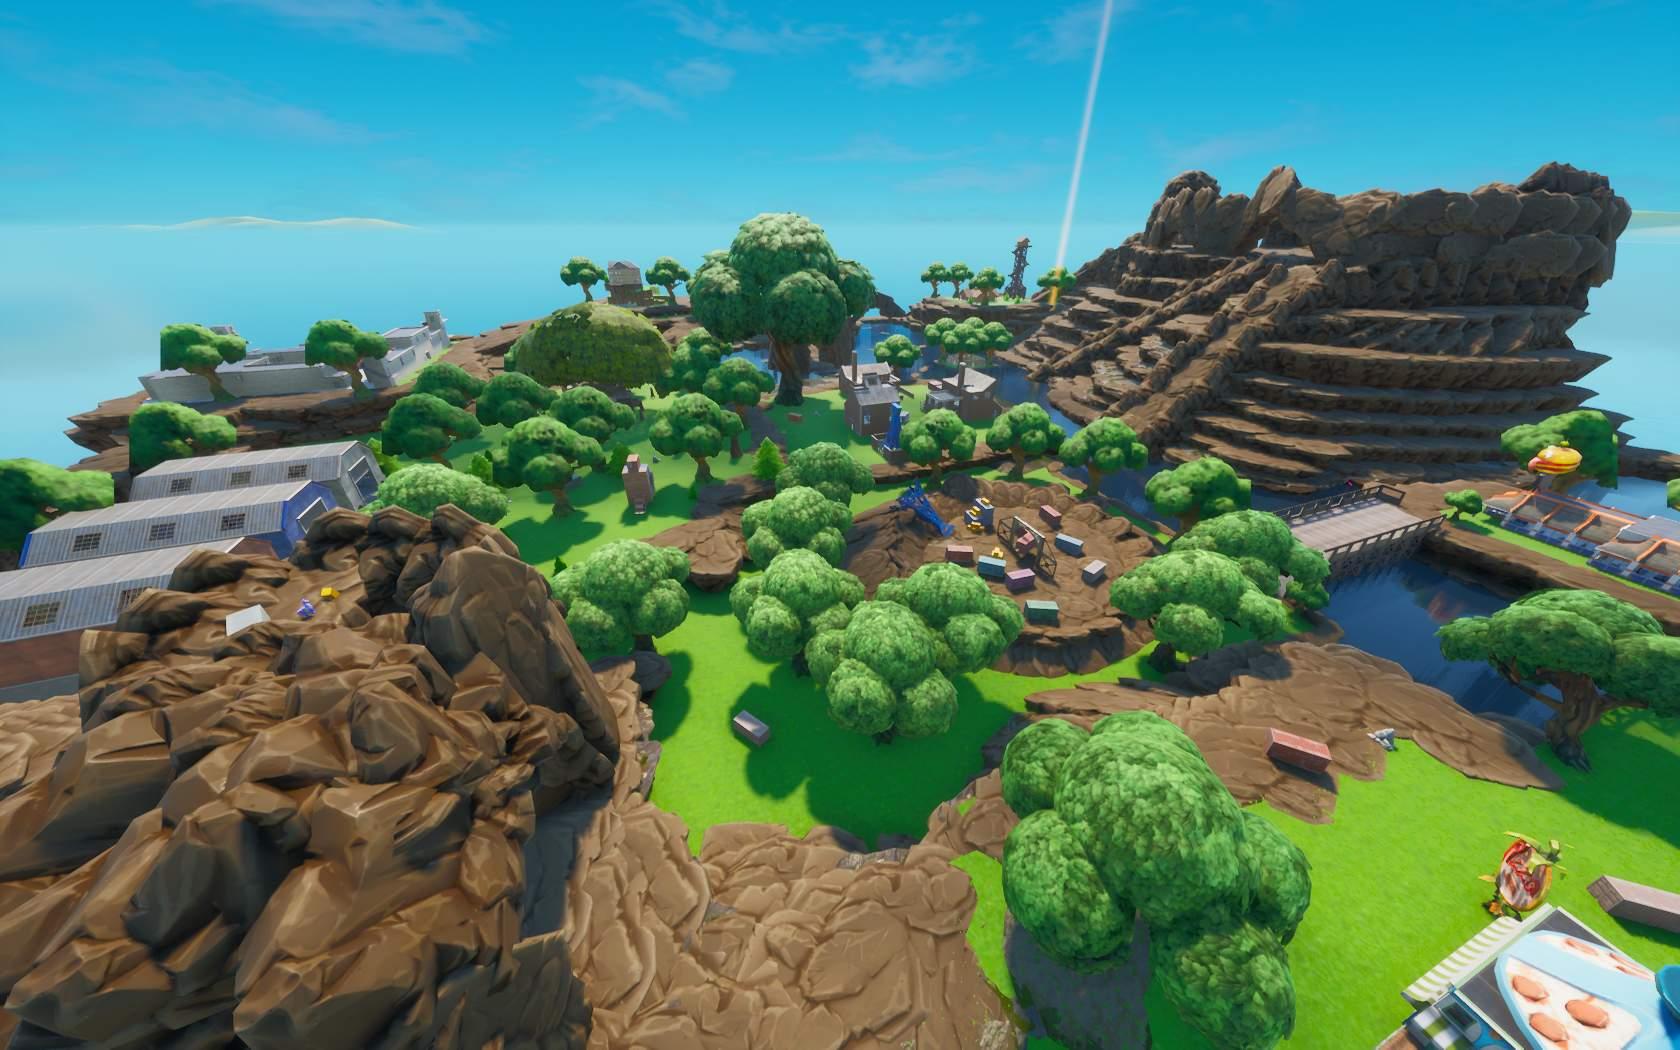 Og Fortnite Fortnite Creative Map Codes Dropnite Com Вместо него за команду сыграет игорь iltw филатов. og fortnite fortnite creative map